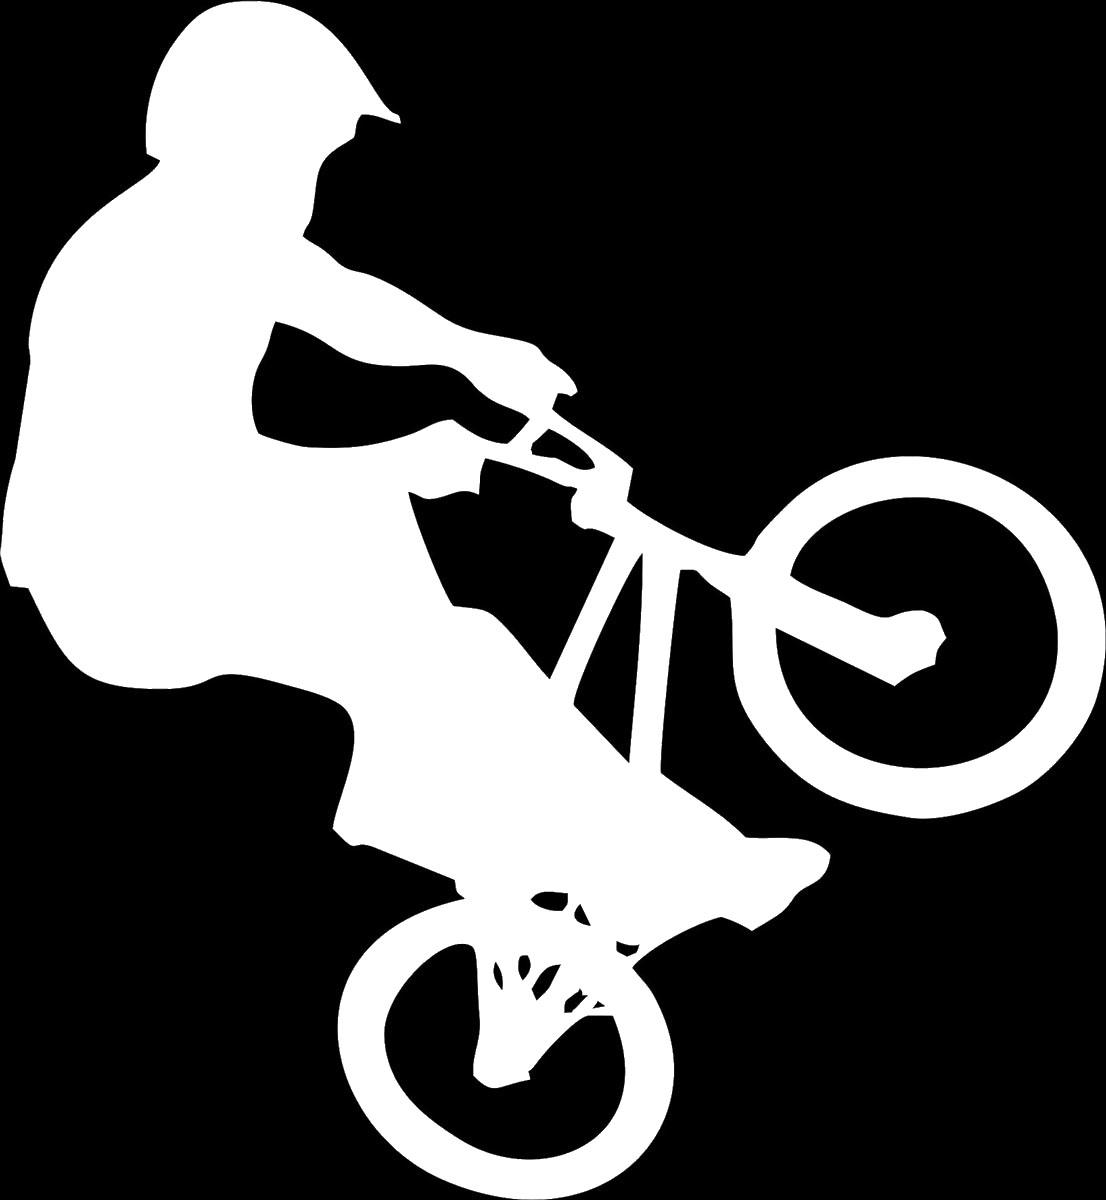 Наклейка автомобильная Оранжевый слоник Велосипед, виниловая, цвет: белыйCA-3505Оригинальная наклейка Оранжевый слоник Велосипед изготовлена из высококачественной виниловой пленки, которая выполняет не только декоративную функцию, но и защищает кузов автомобиля от небольших механических повреждений, либо скрывает уже существующие.Виниловые наклейки на автомобиль - это не только красиво, но еще и быстро! Всего за несколько минут вы можете полностью преобразить свой автомобиль, сделать его ярким, необычным, особенным и неповторимым!